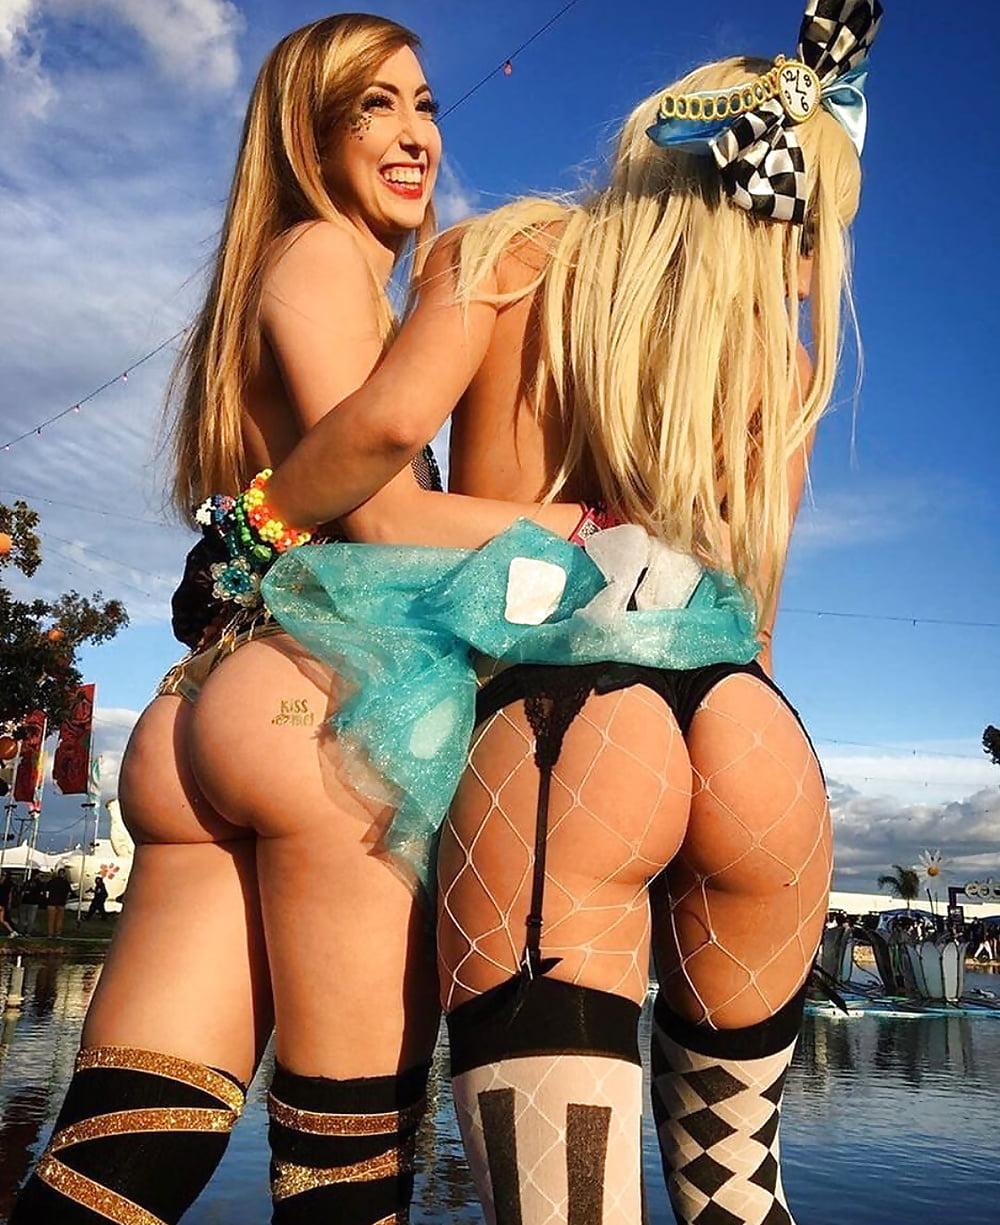 Rave Sluts hot babes